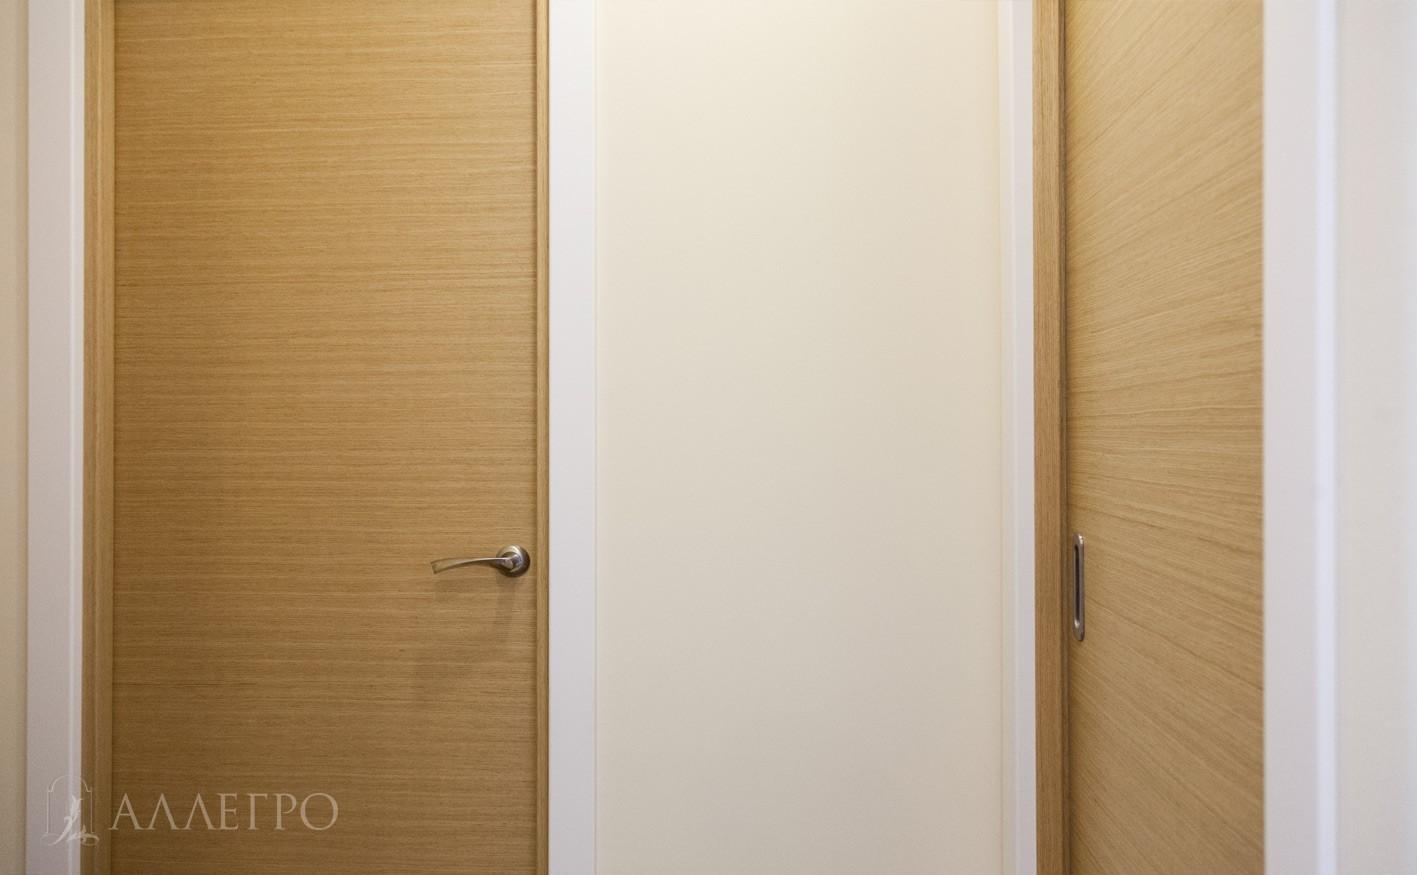 Перпендикулярное расположение. Шпонированная дверь и дверь пенал